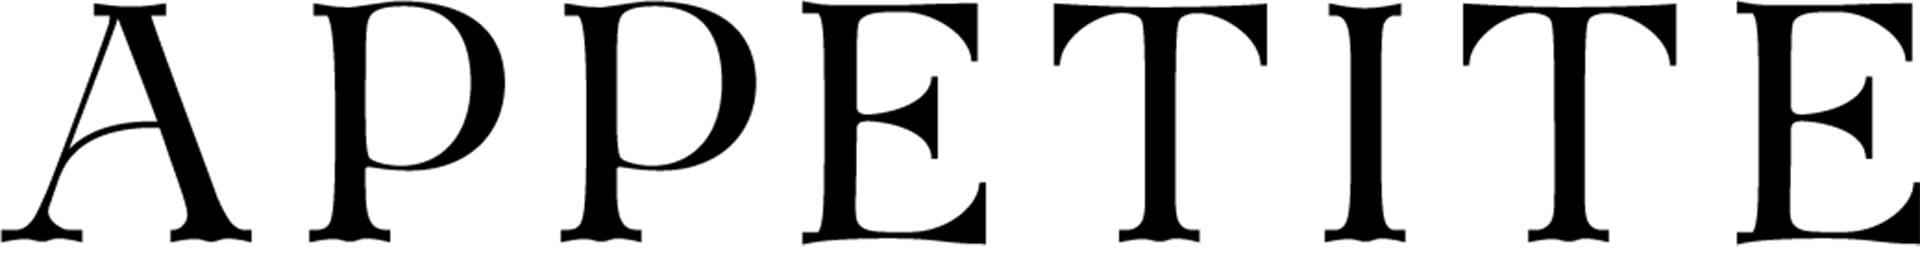 アペタイトロゴ